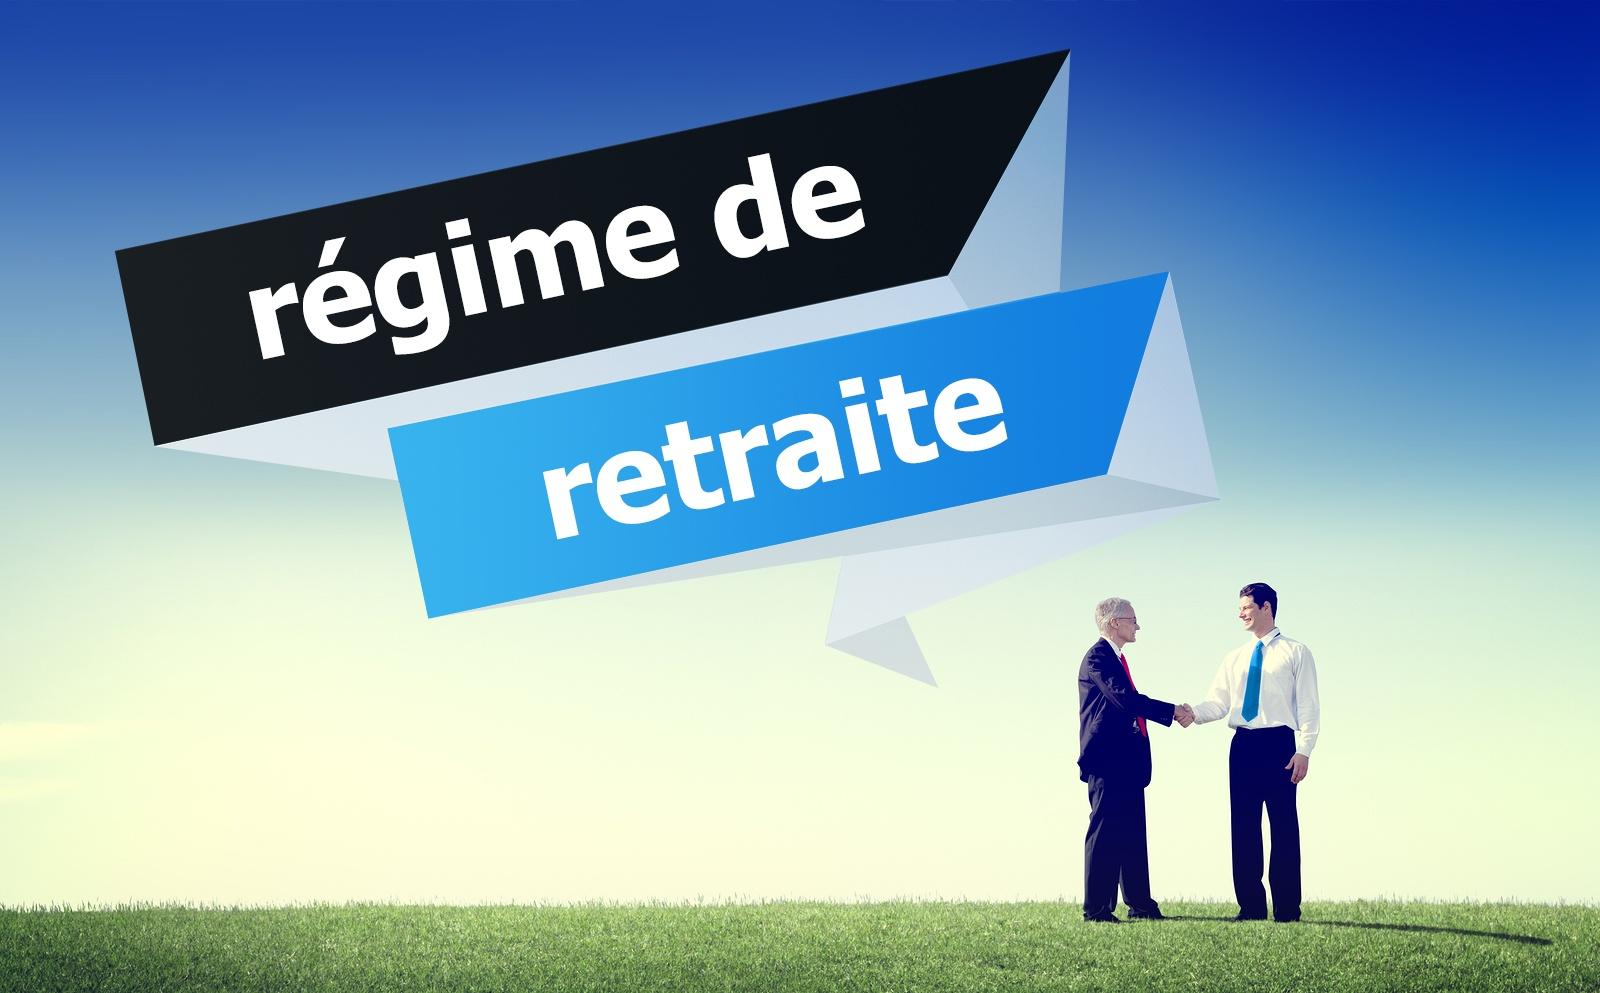 Régime de retraite: un courtier, à quoi ça sert ?